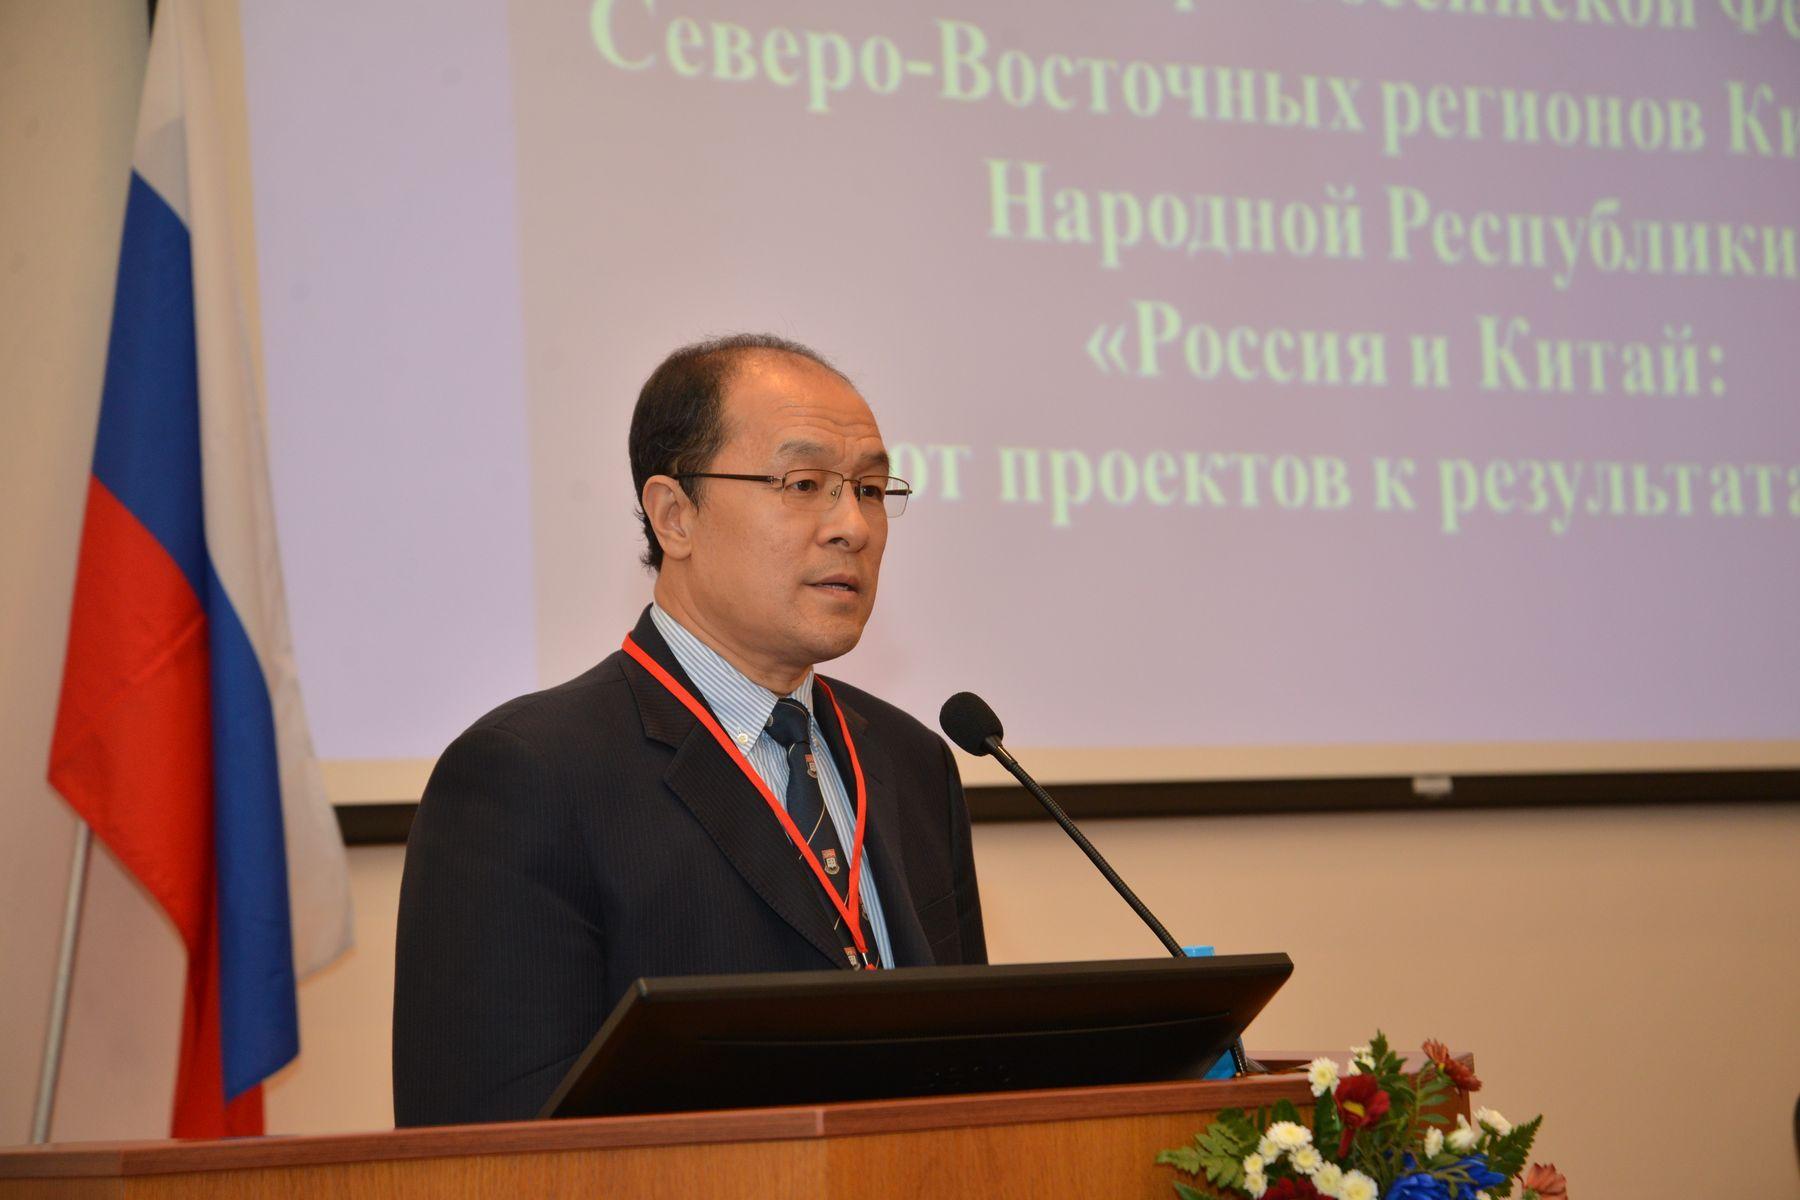 Россия и Китай крепят сотрудничество в научной сфере